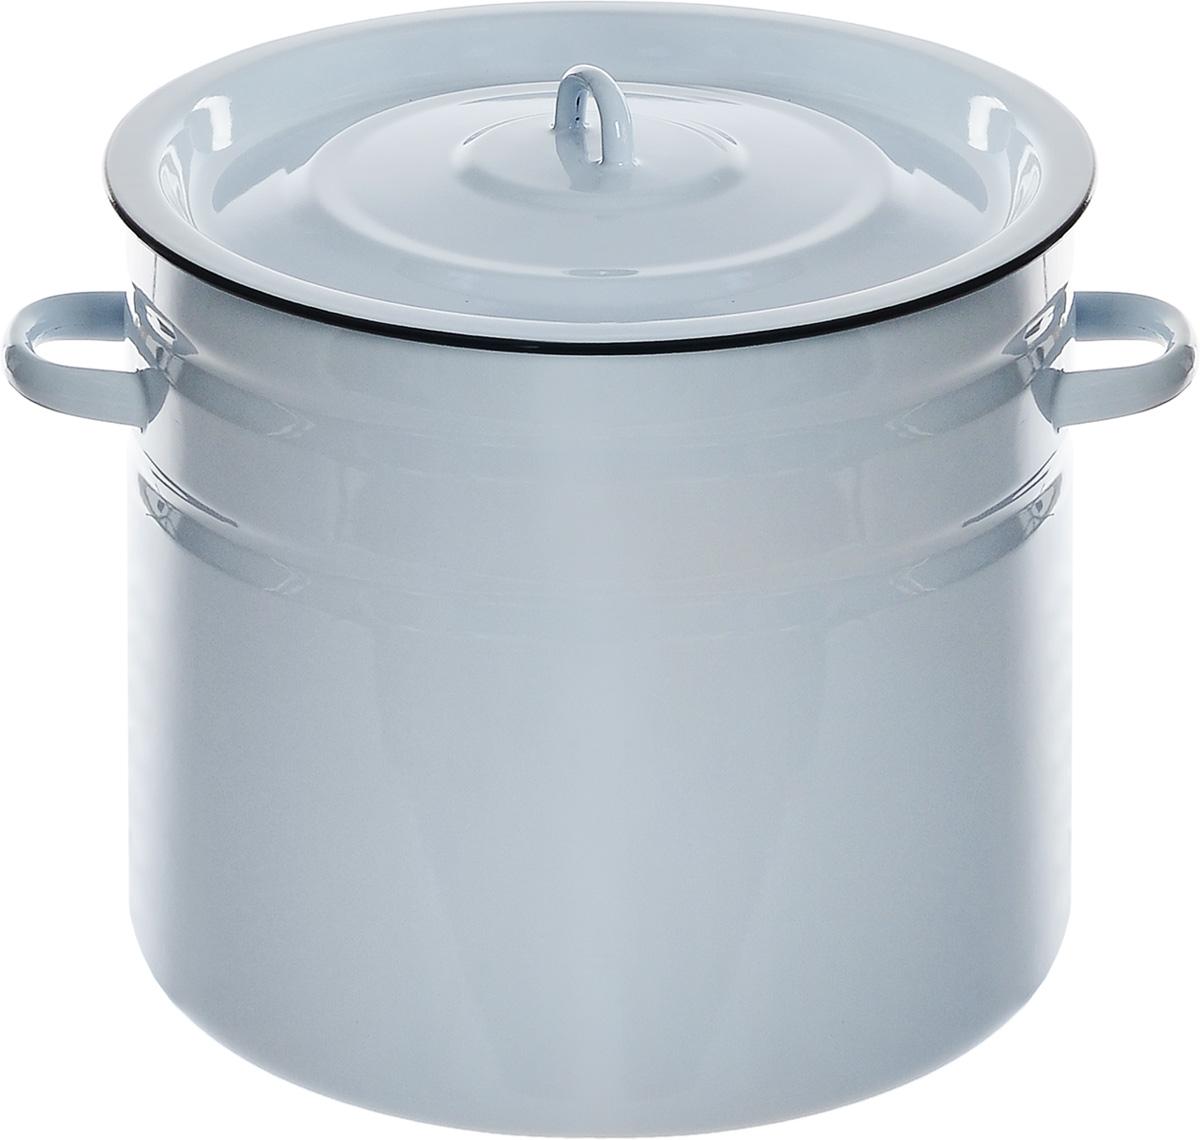 Бак для засолки Эмаль, 20 лVT-1520(SR)Бак с крышкой Эмаль изготовлен из высококачественной стали, покрытой эмалью. Эмалевое покрытие имеет существенные преимущества по показателям безопасности влияния на организм человека, санитарным свойствам, простоте ухода и рассчитан на длительный срок эксплуатации. Прочный корпус из стали гарантирует эффективную тепловую обработку пищи. Бак оснащен плотно прилегающей крышкой.Диаметр бака (по верхнему краю): 33 см.Высота стенок бака 29 см.